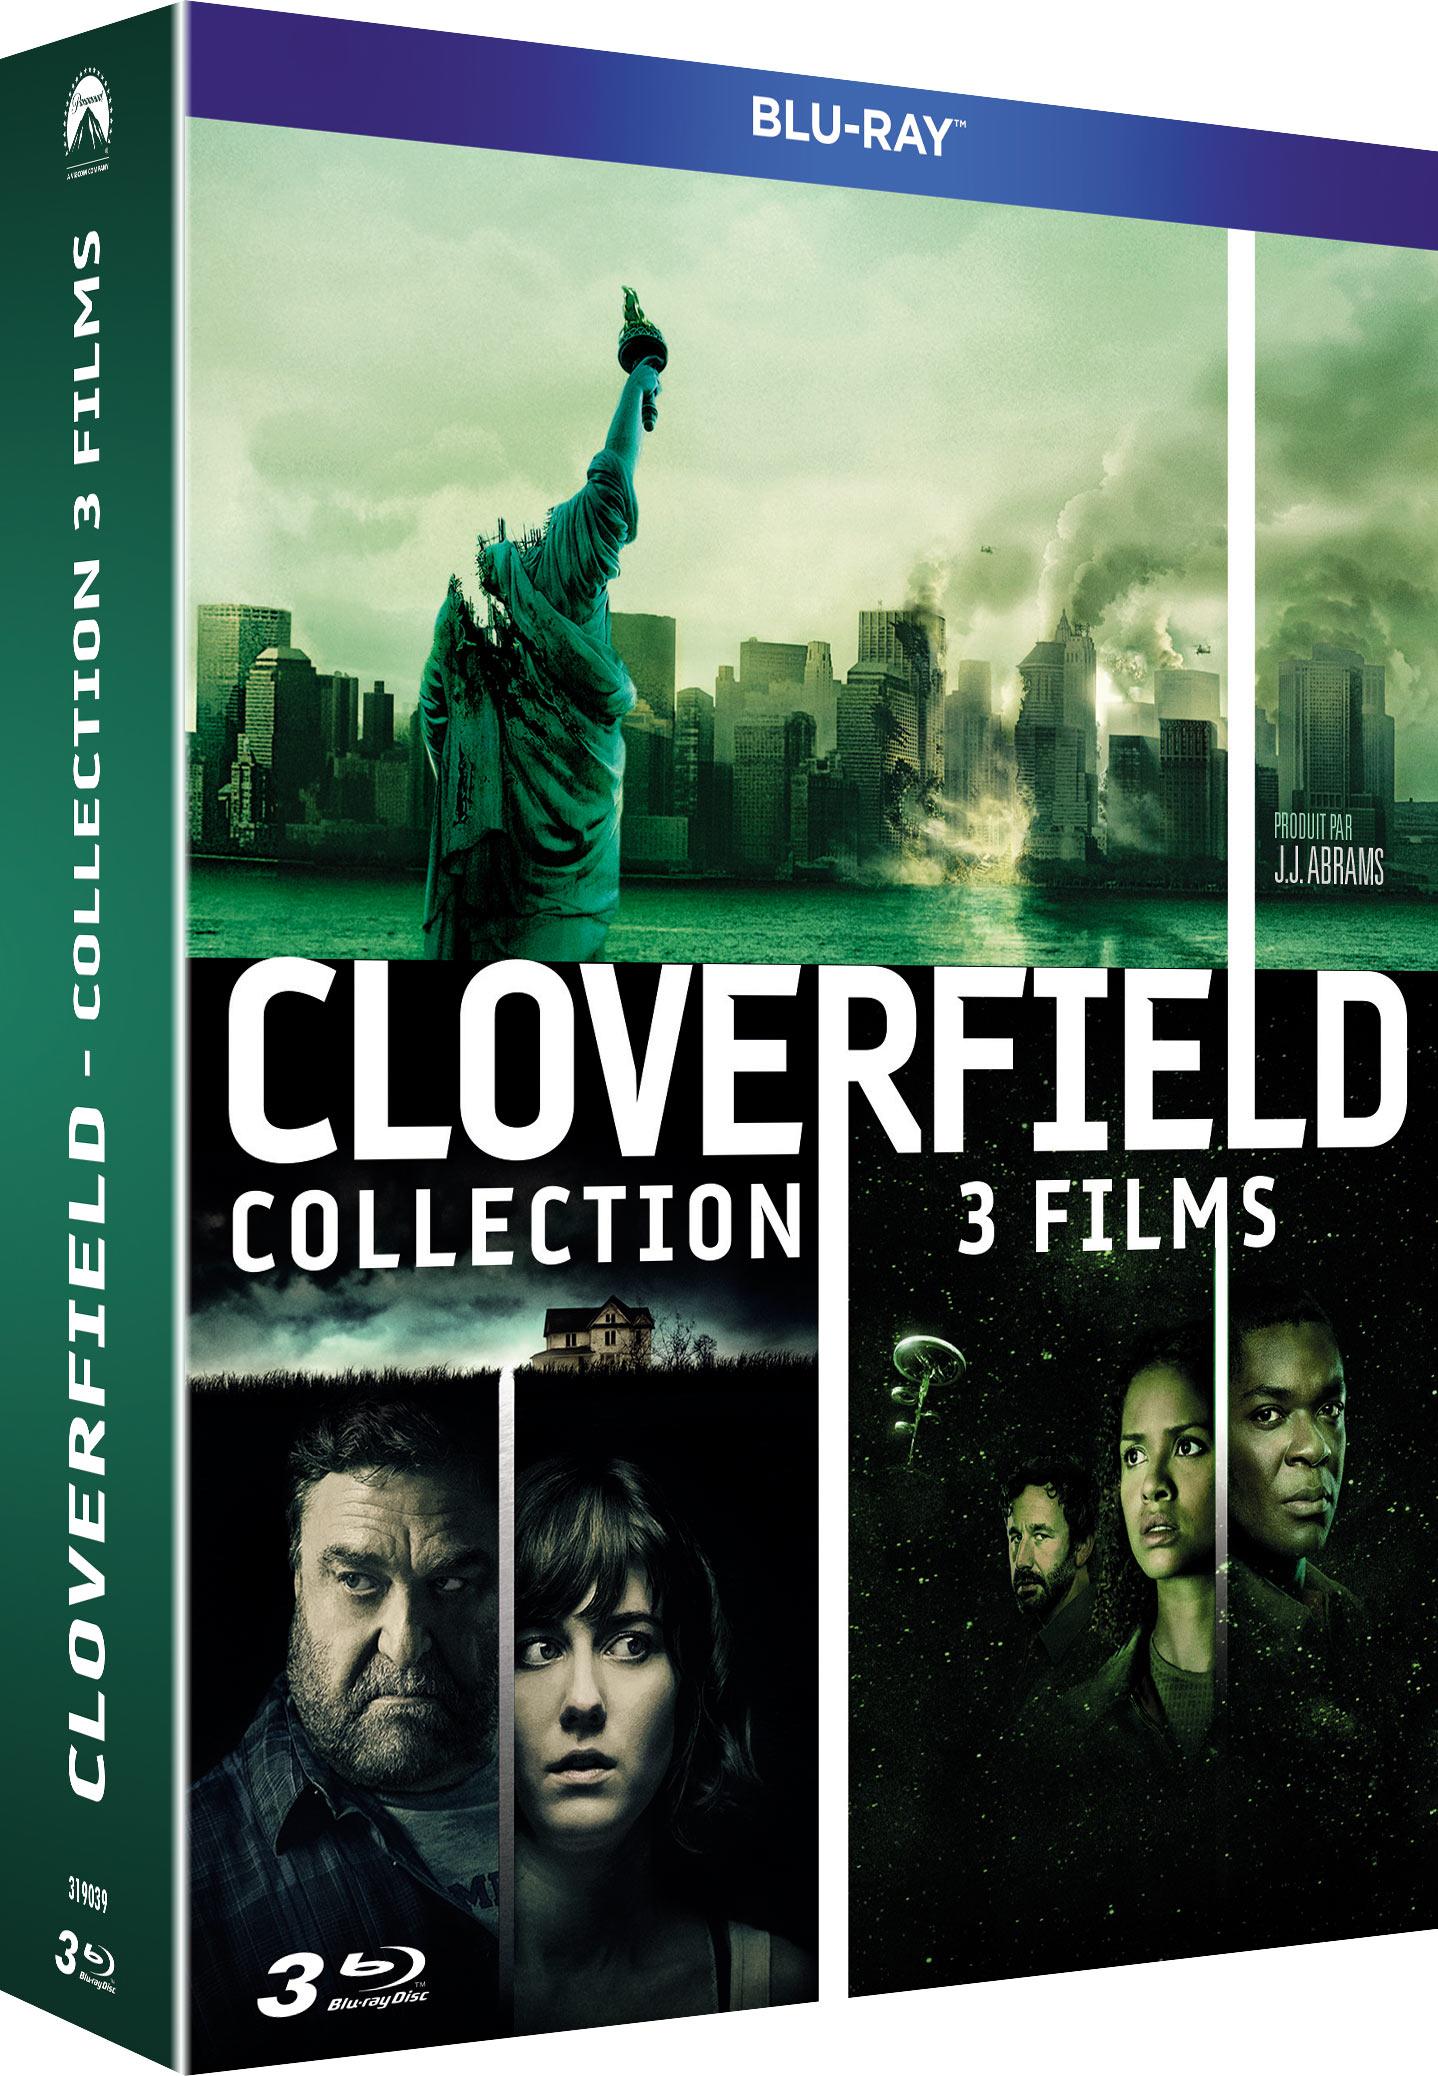 CLOVERFIELD BRD